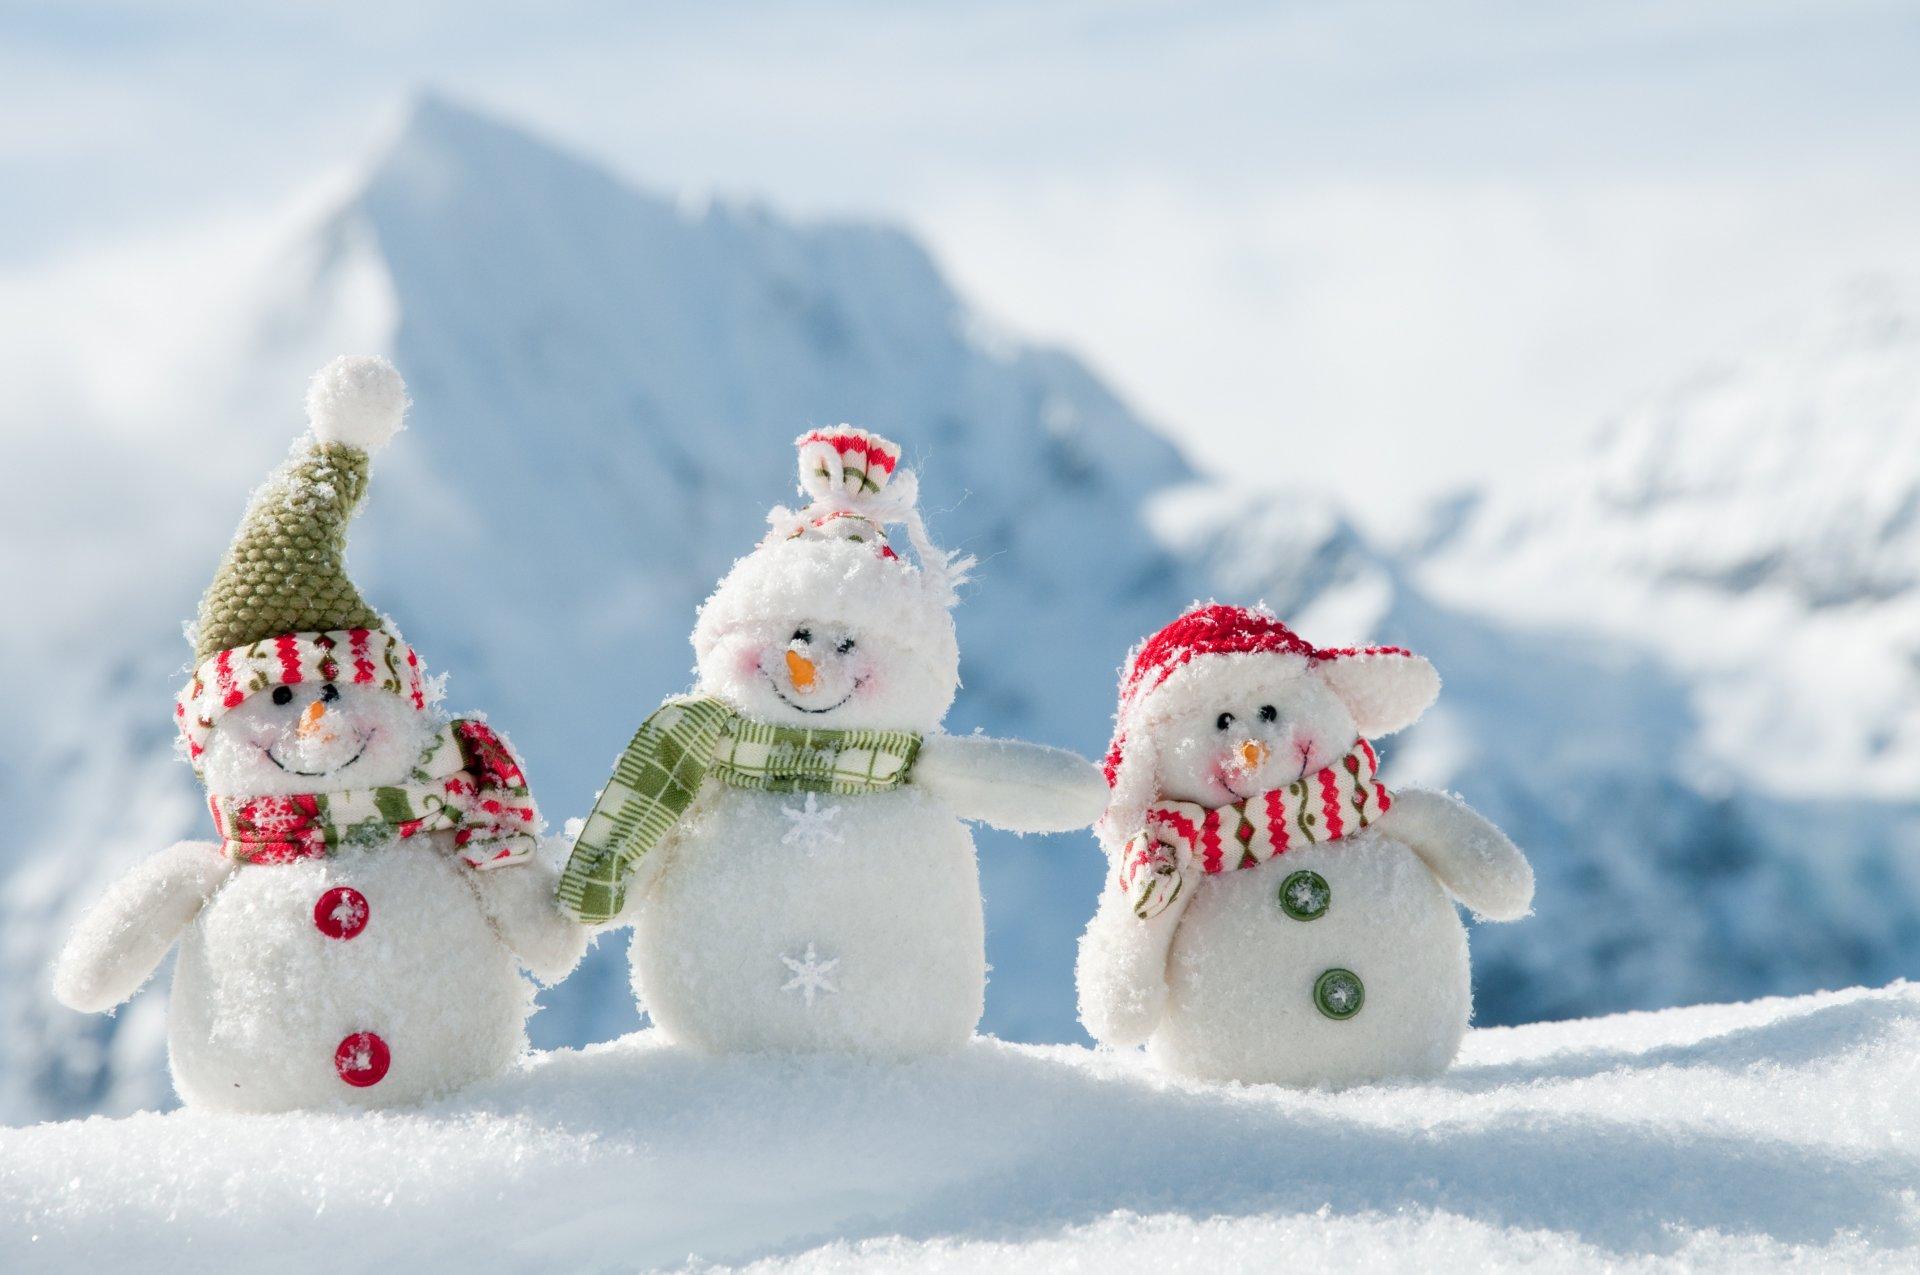 white-snowmans-zima-novyj-god-veslye-snegoviki.jpg